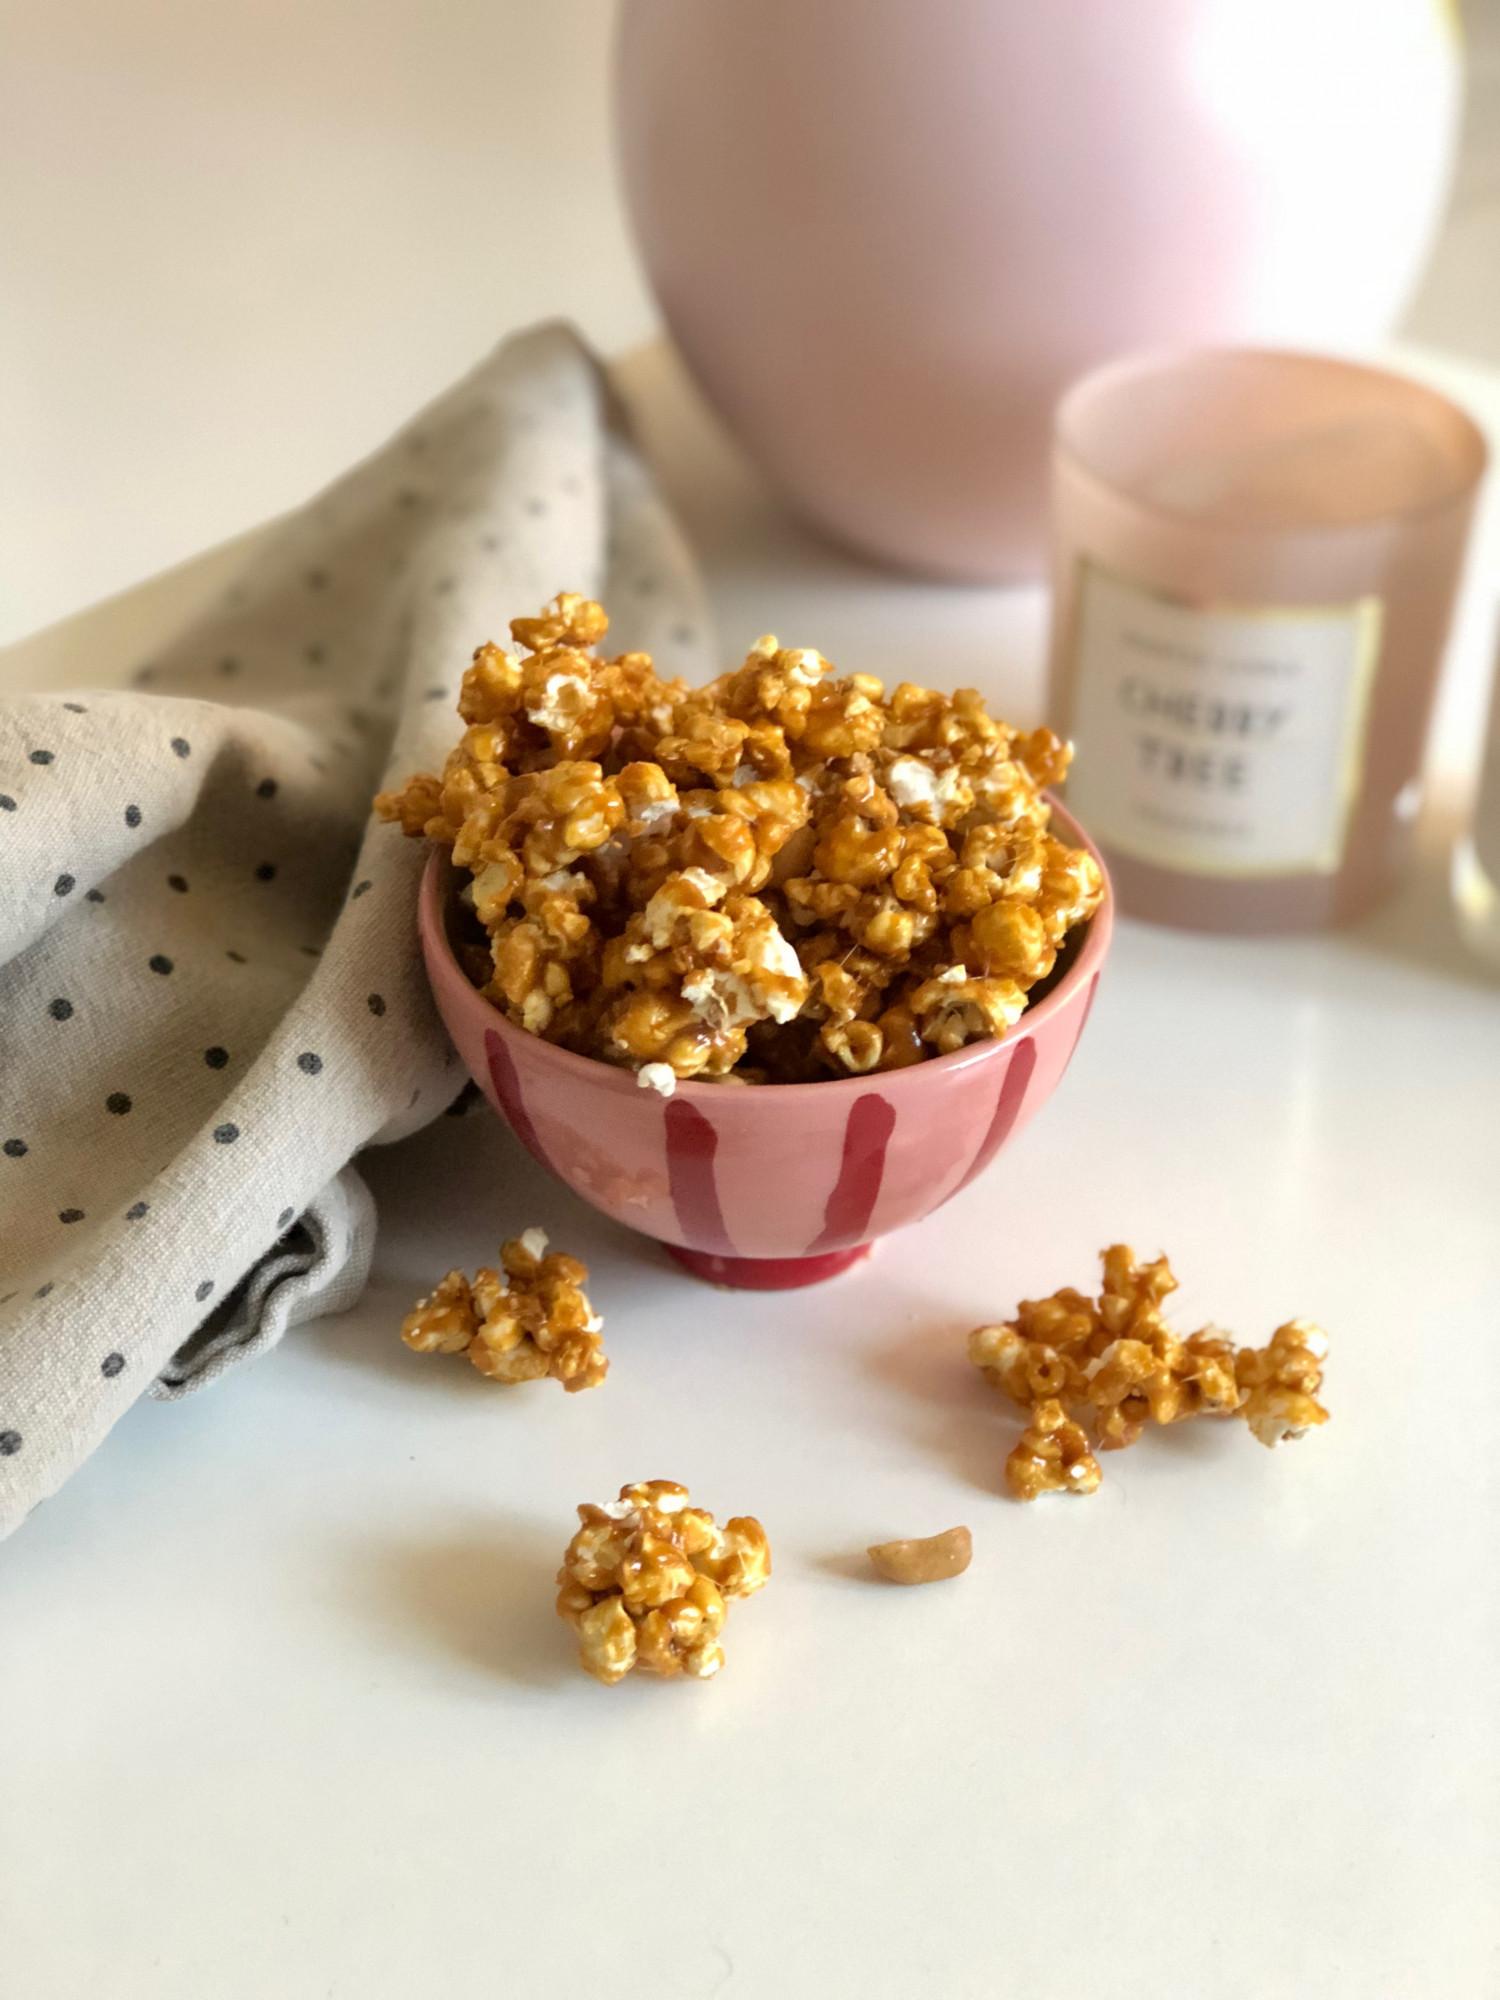 popcorn med karamel, havsalt og peanuts